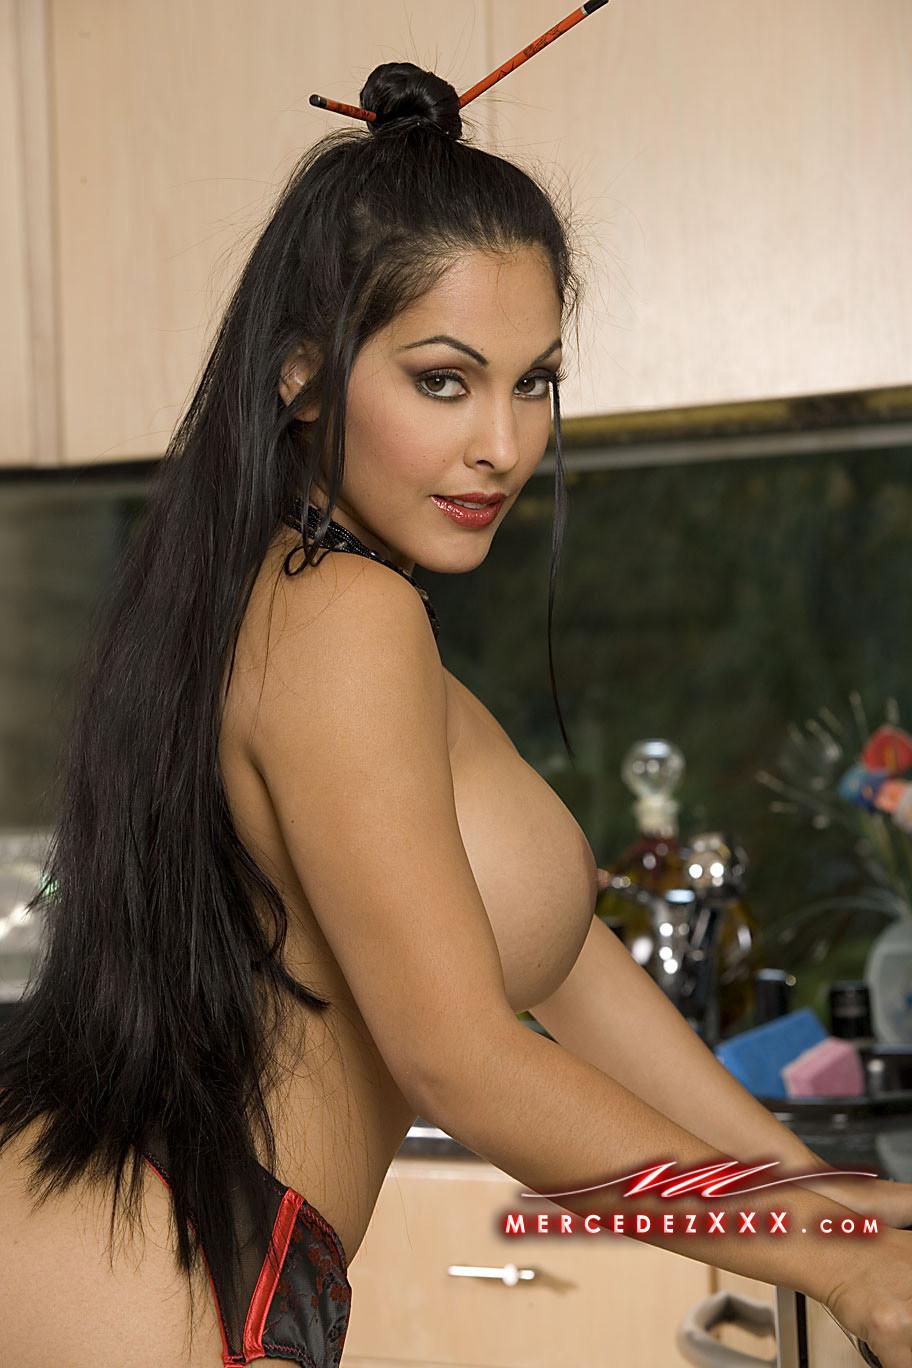 Beauty pron star naked